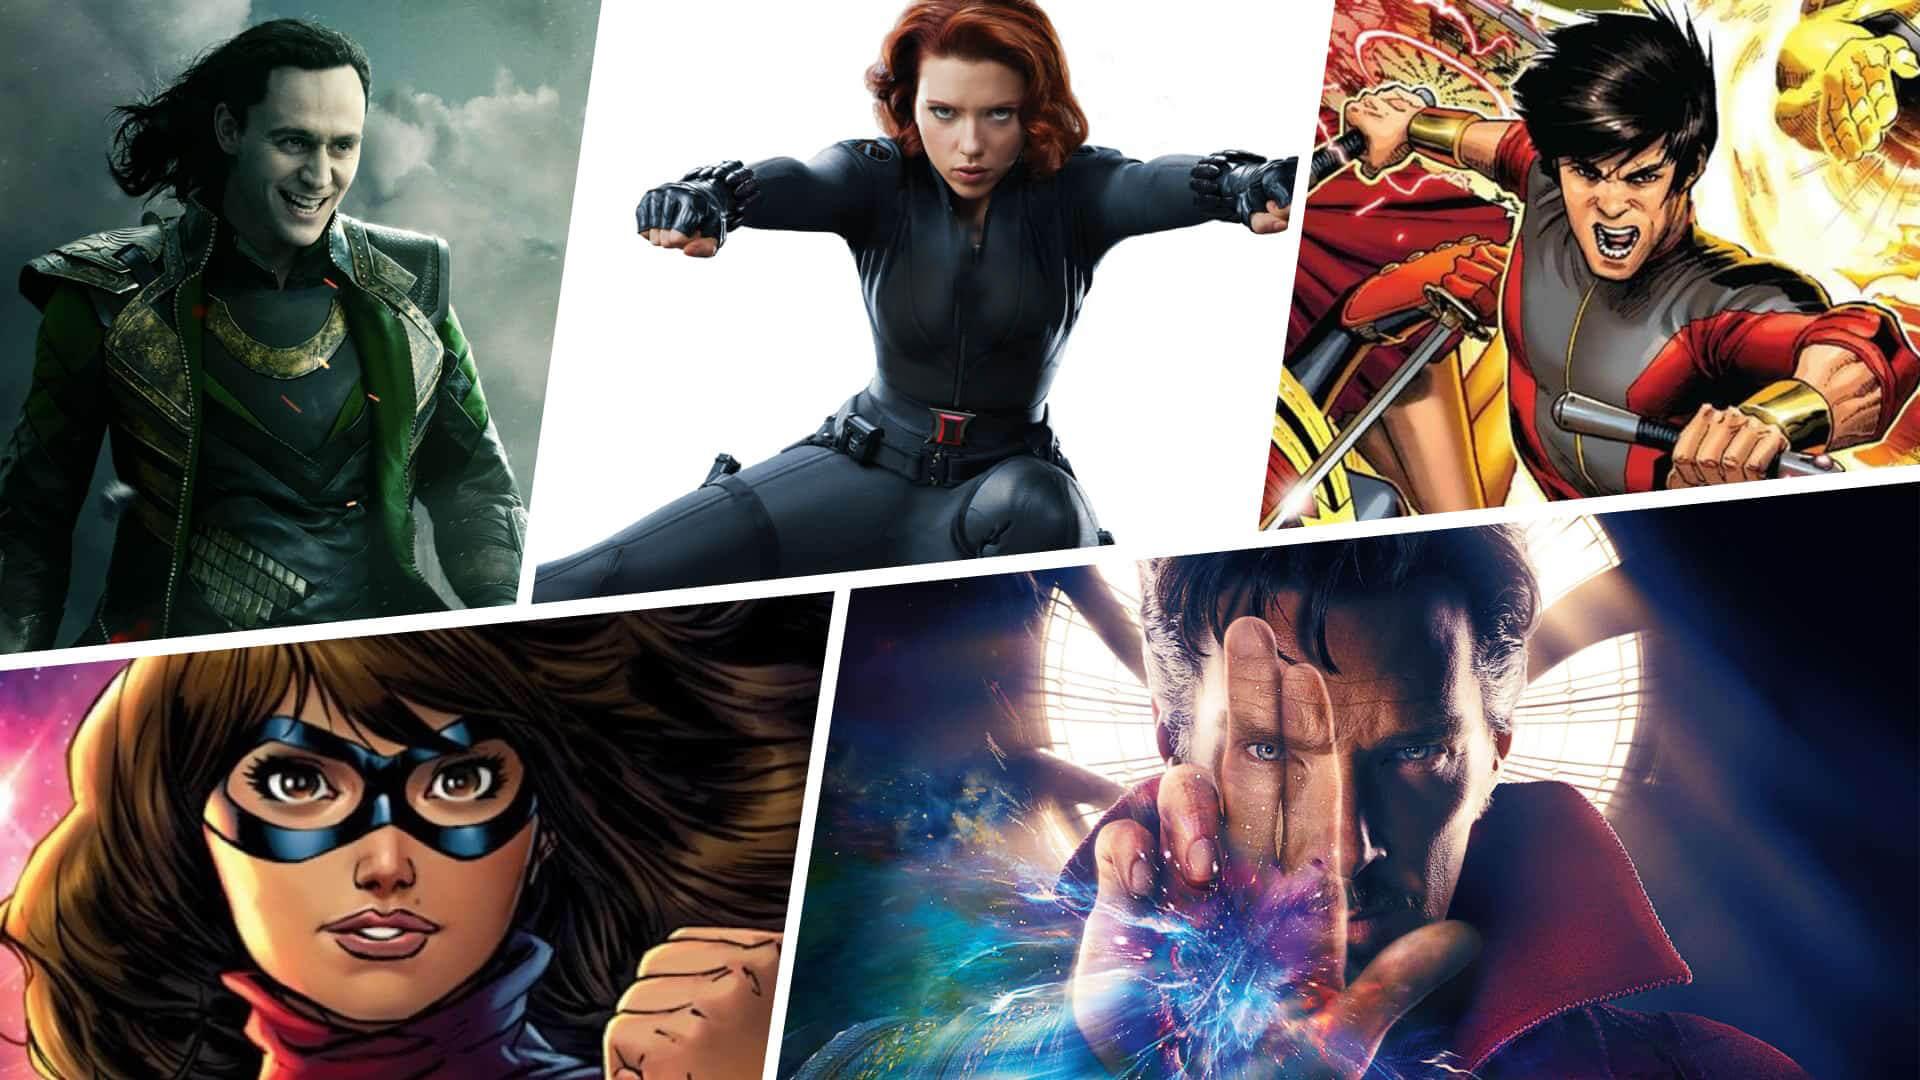 فهرست کامل فیلم های آینده مارول با شرح جزئیات کلیدی